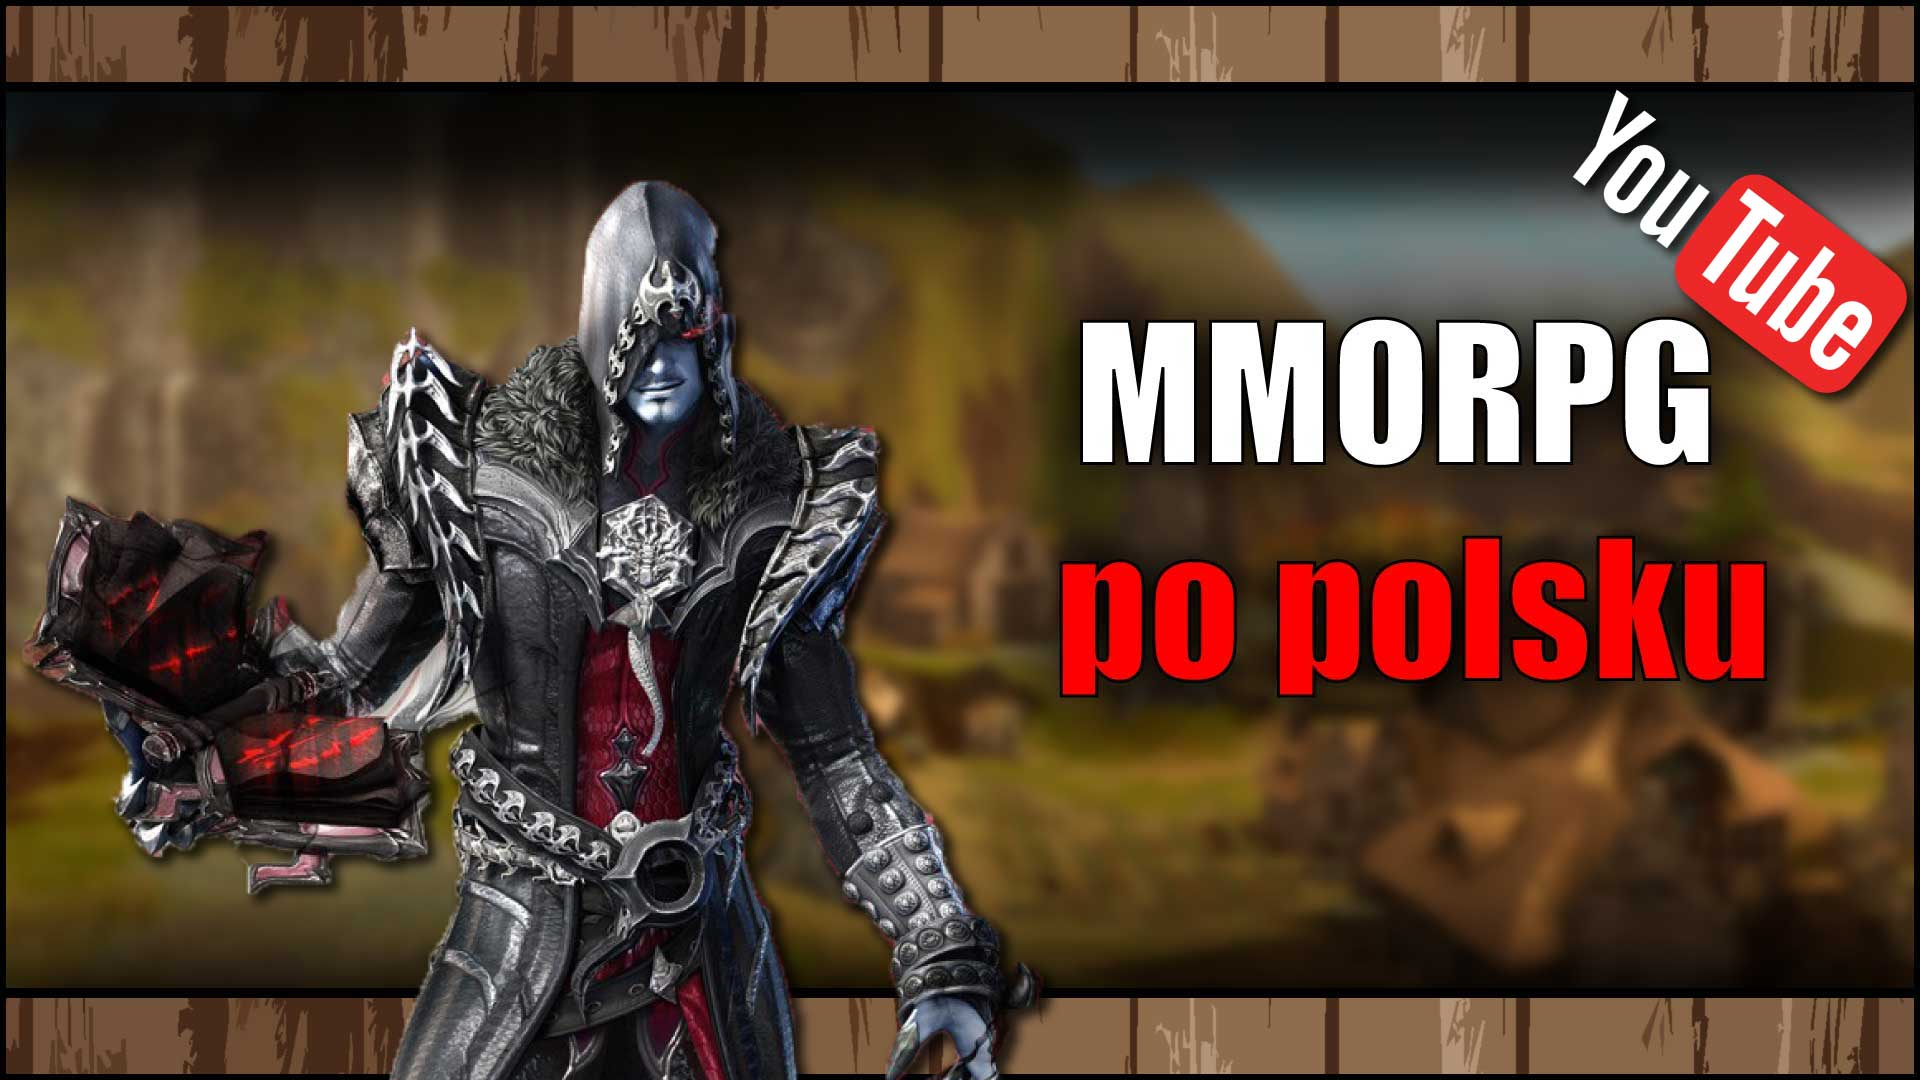 [YouTube] Najlepsze MMORPG popolsku w2020